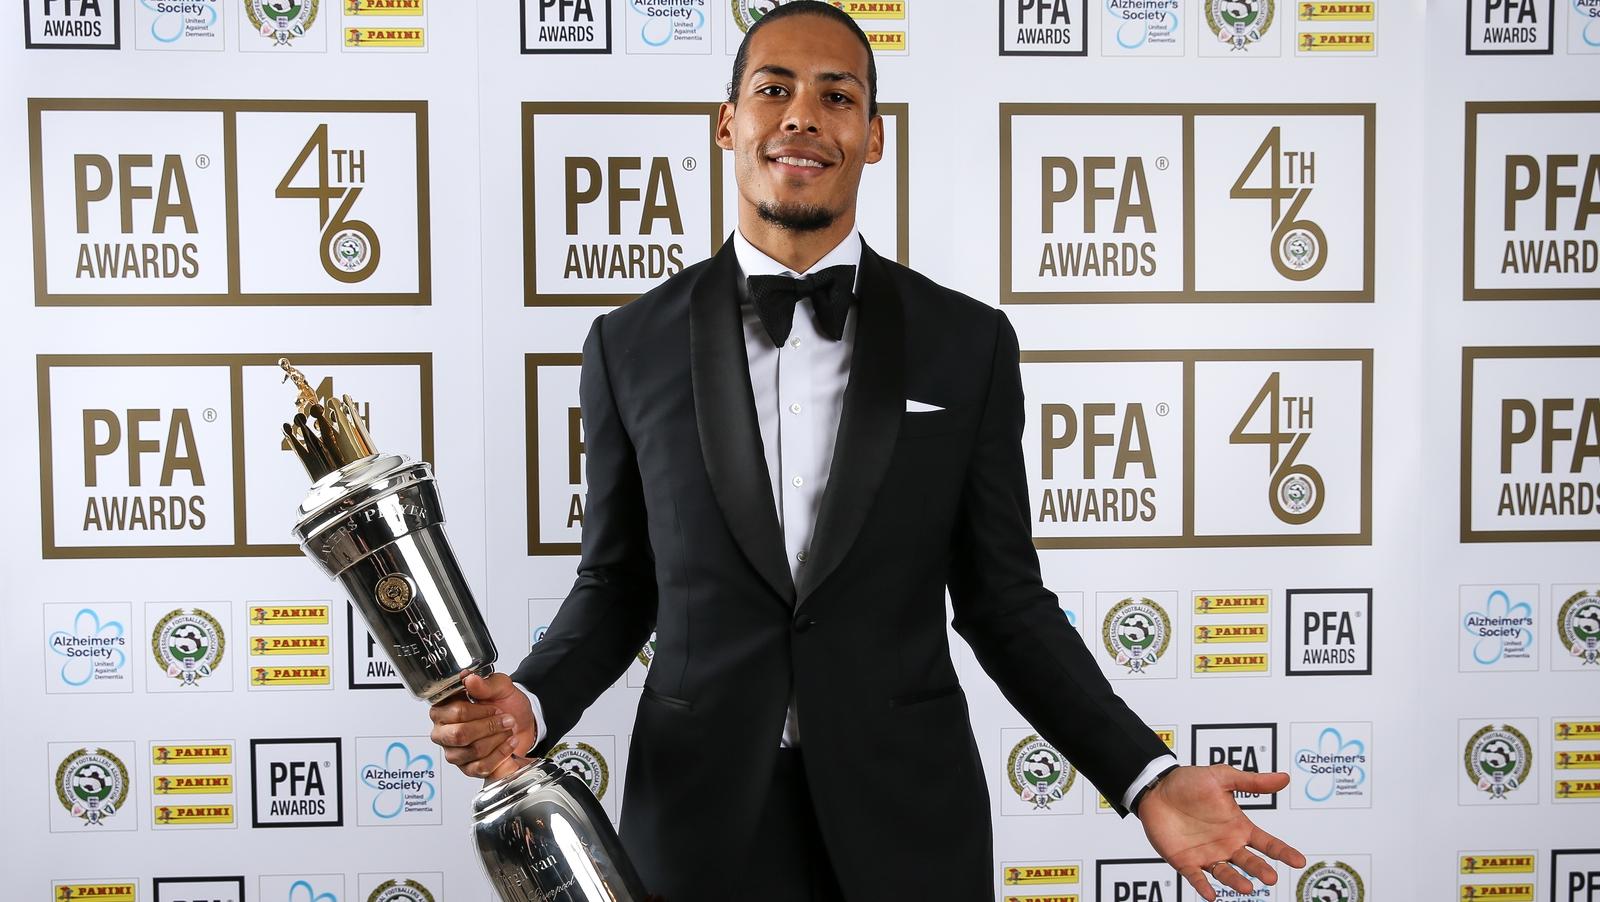 Van Dijk And Sterling Scoop Top Pfa Awards